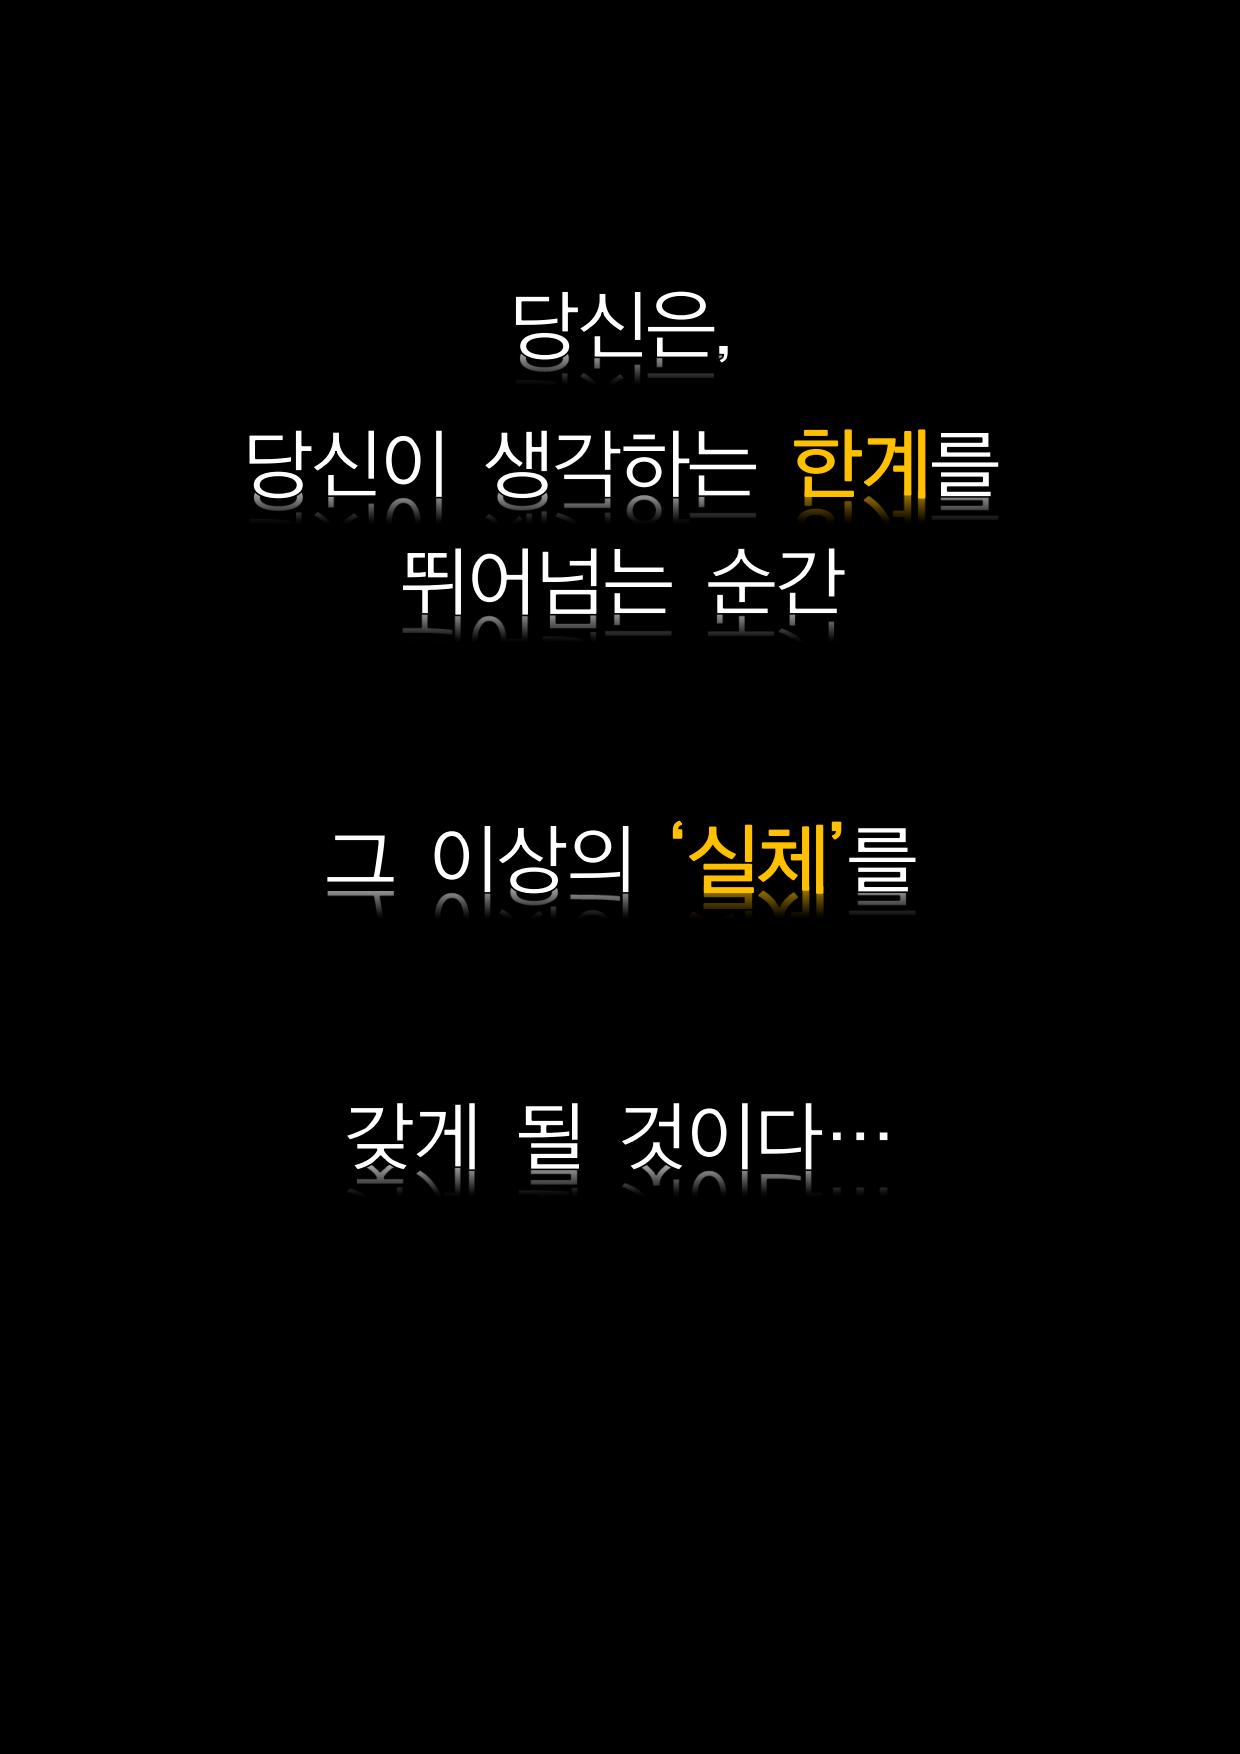 본 머티리어 1회차 홍보글(폰트 포함)_43.png